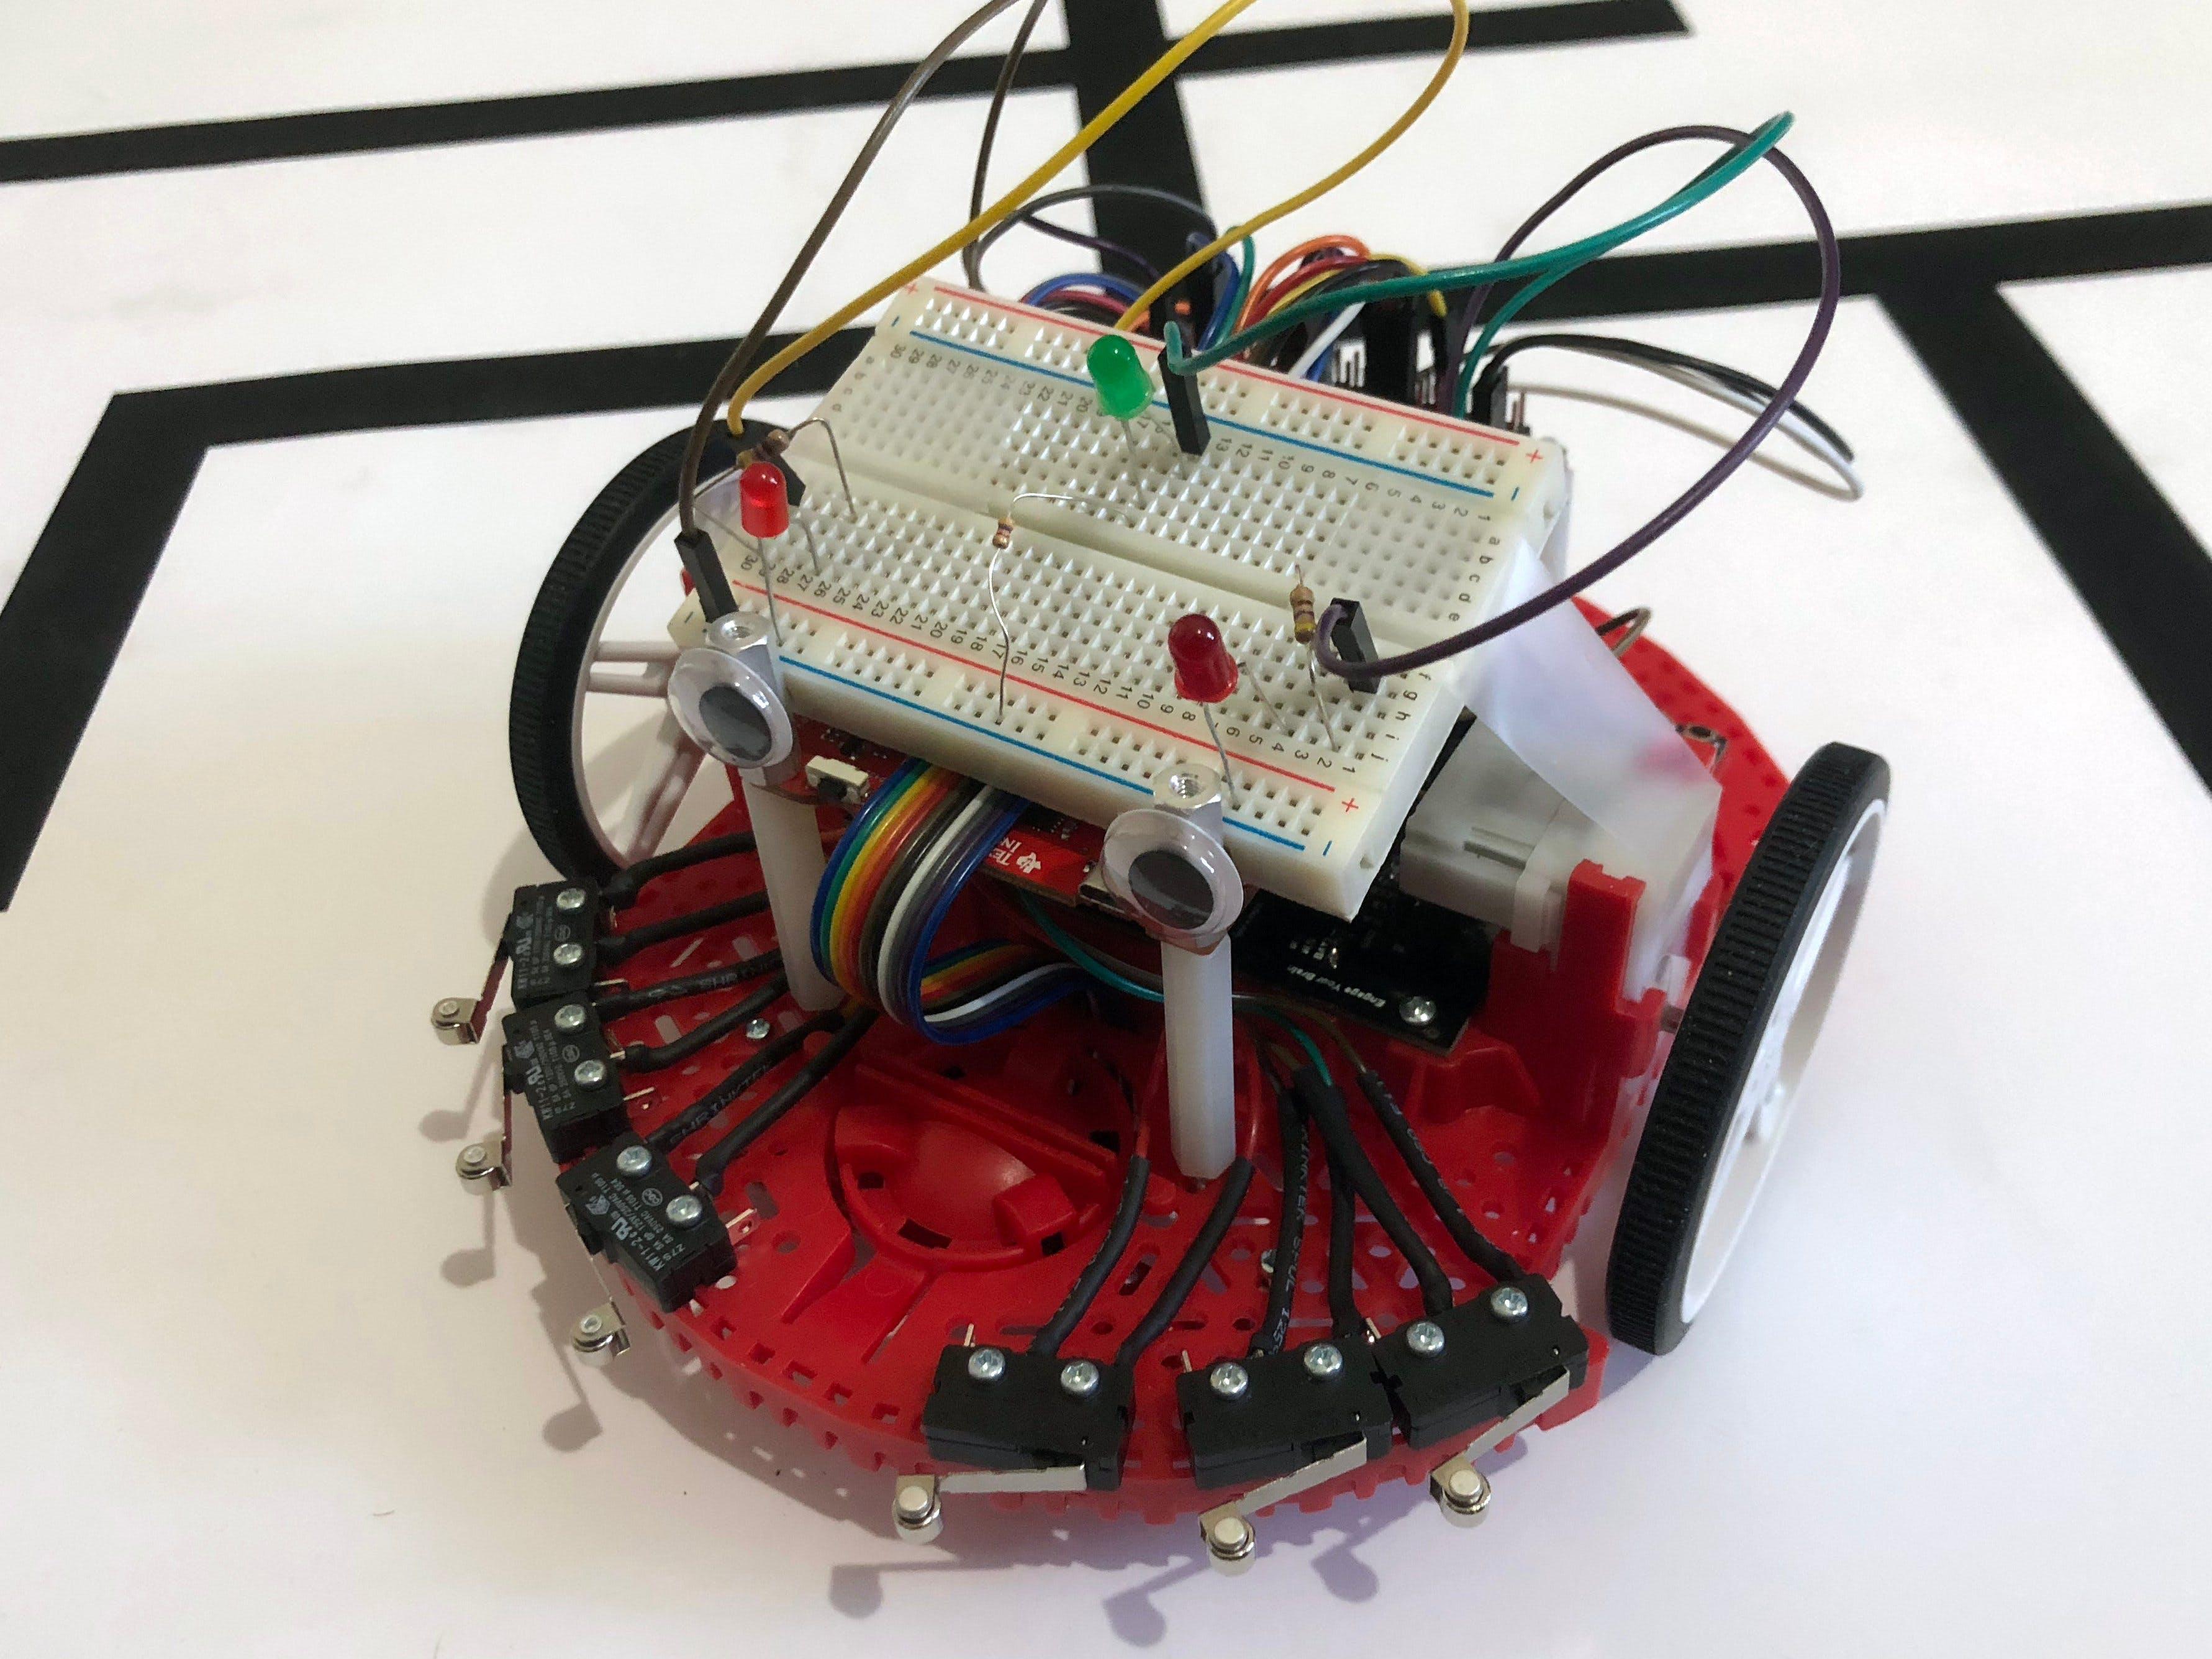 AI Maze-Solving Robot